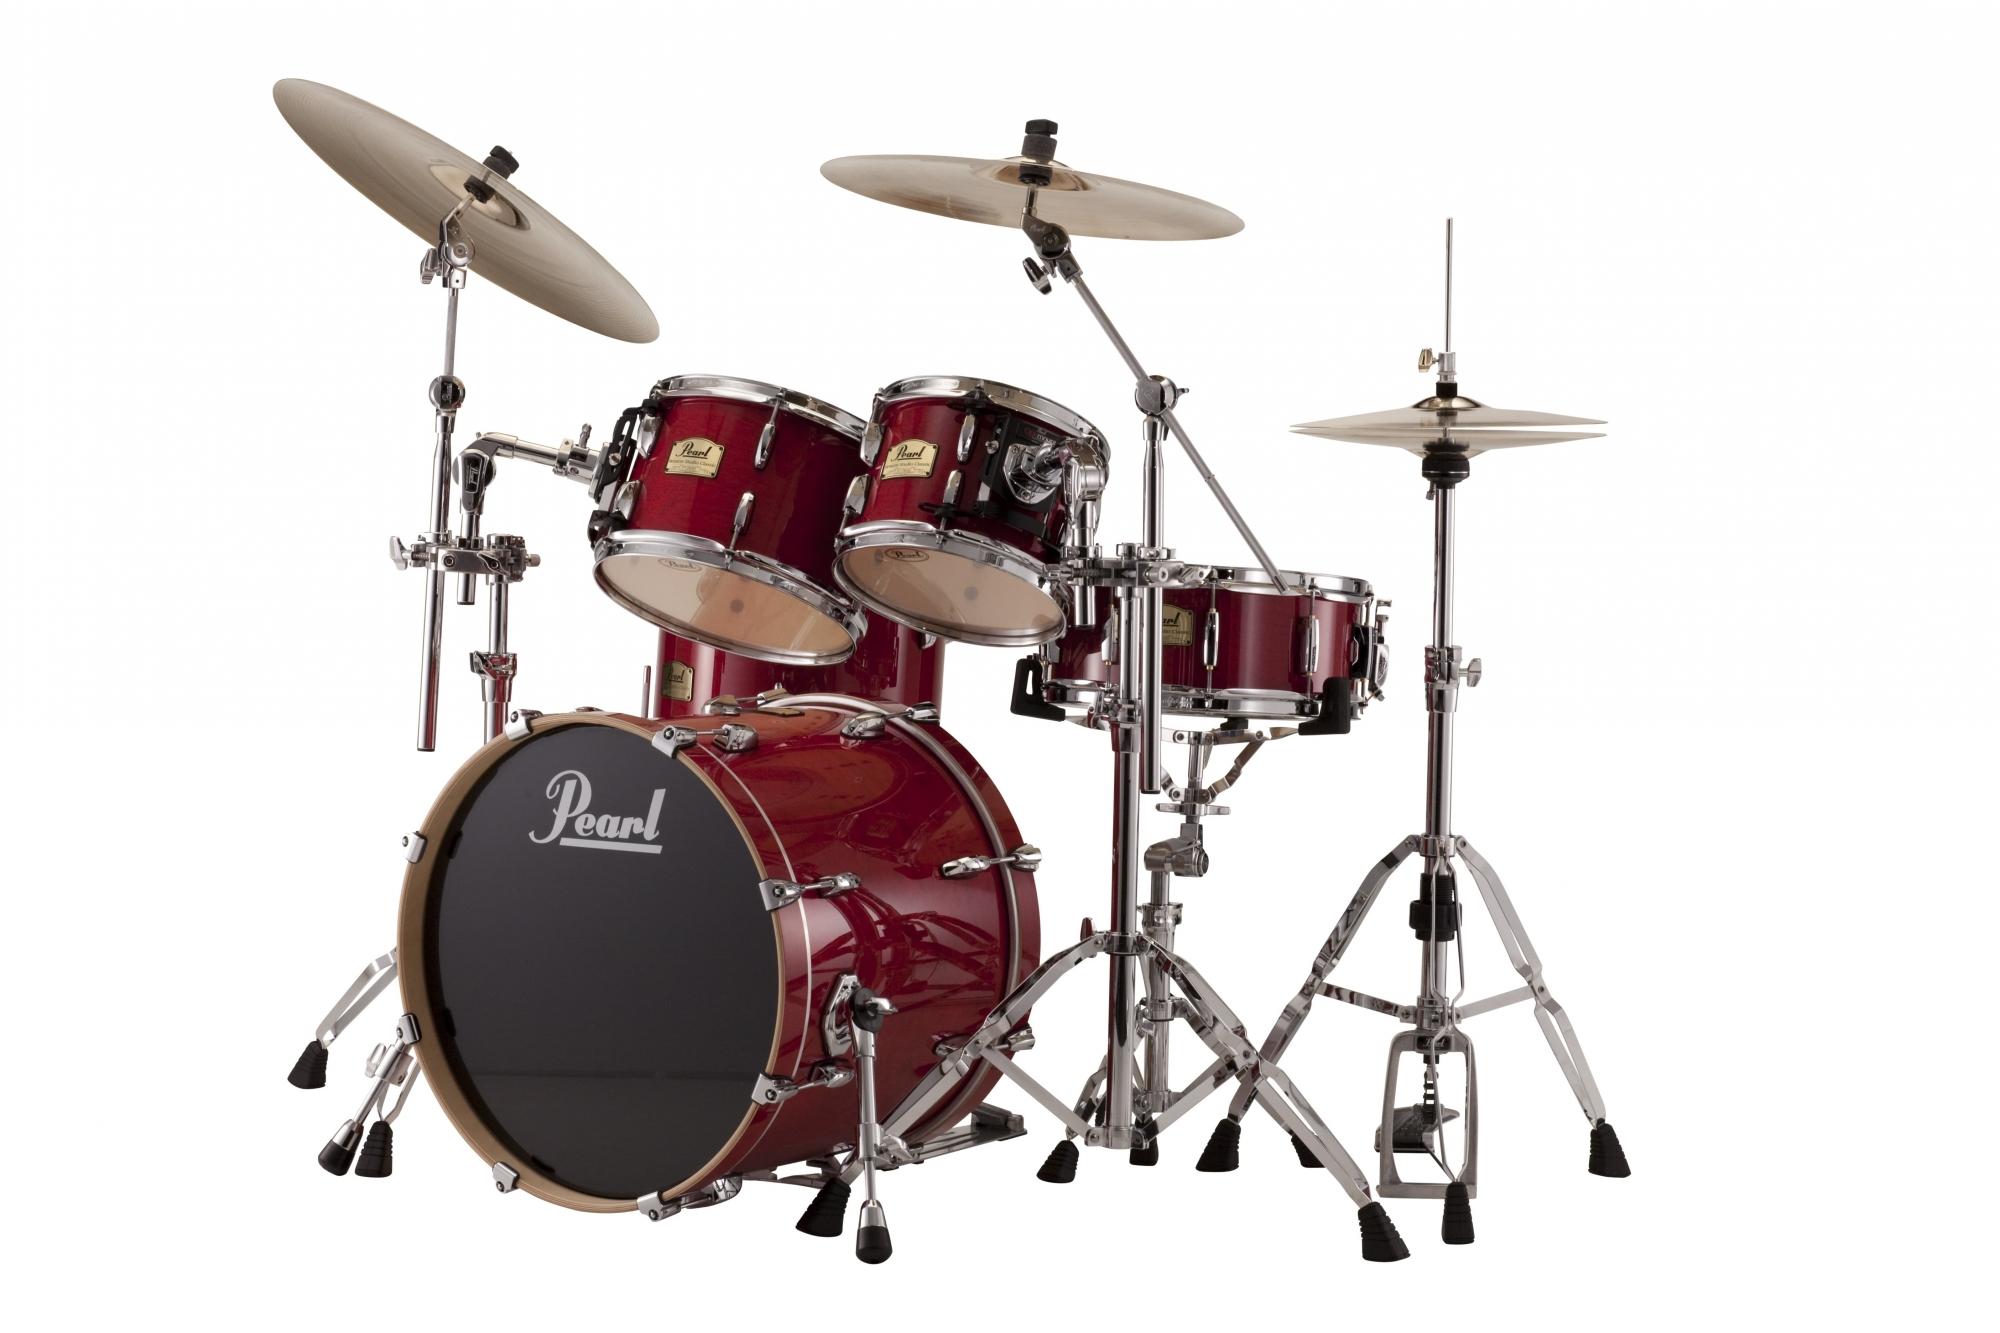 Billede af Pearl Session Studio Classic Rock Trommesæt Sequoia red